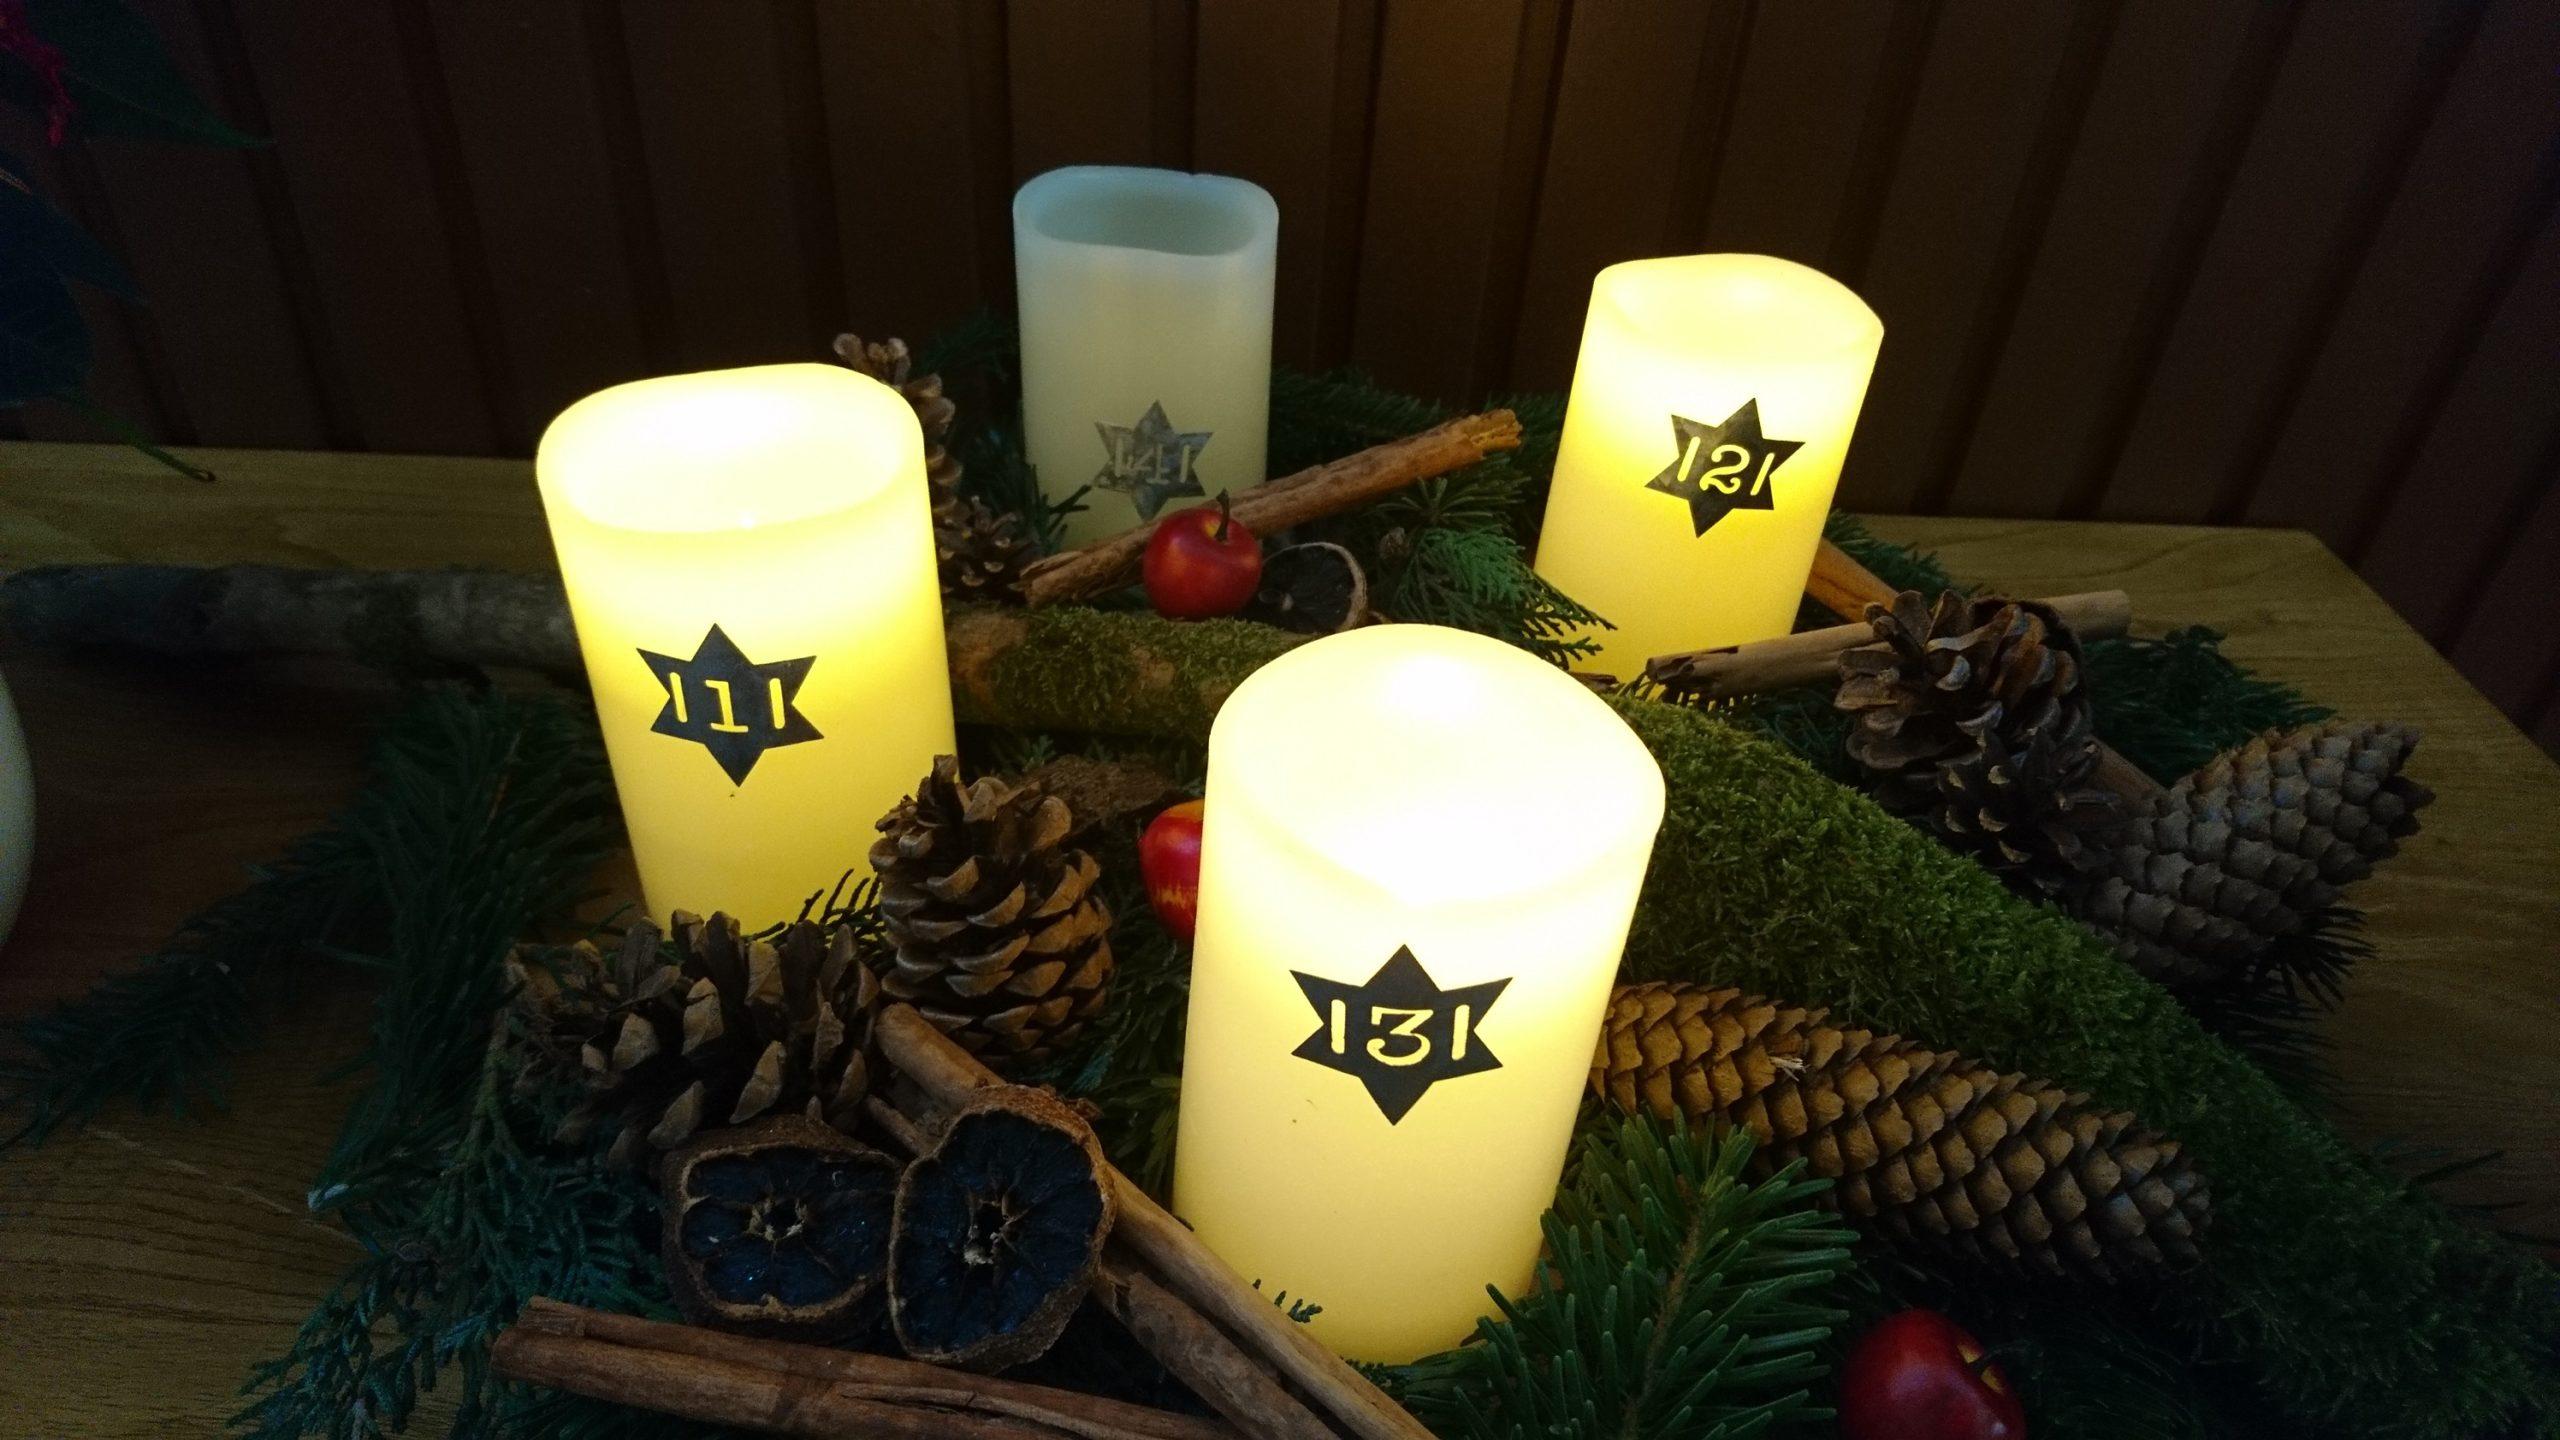 Adventskranz mit drei leuchtenden Kerzen